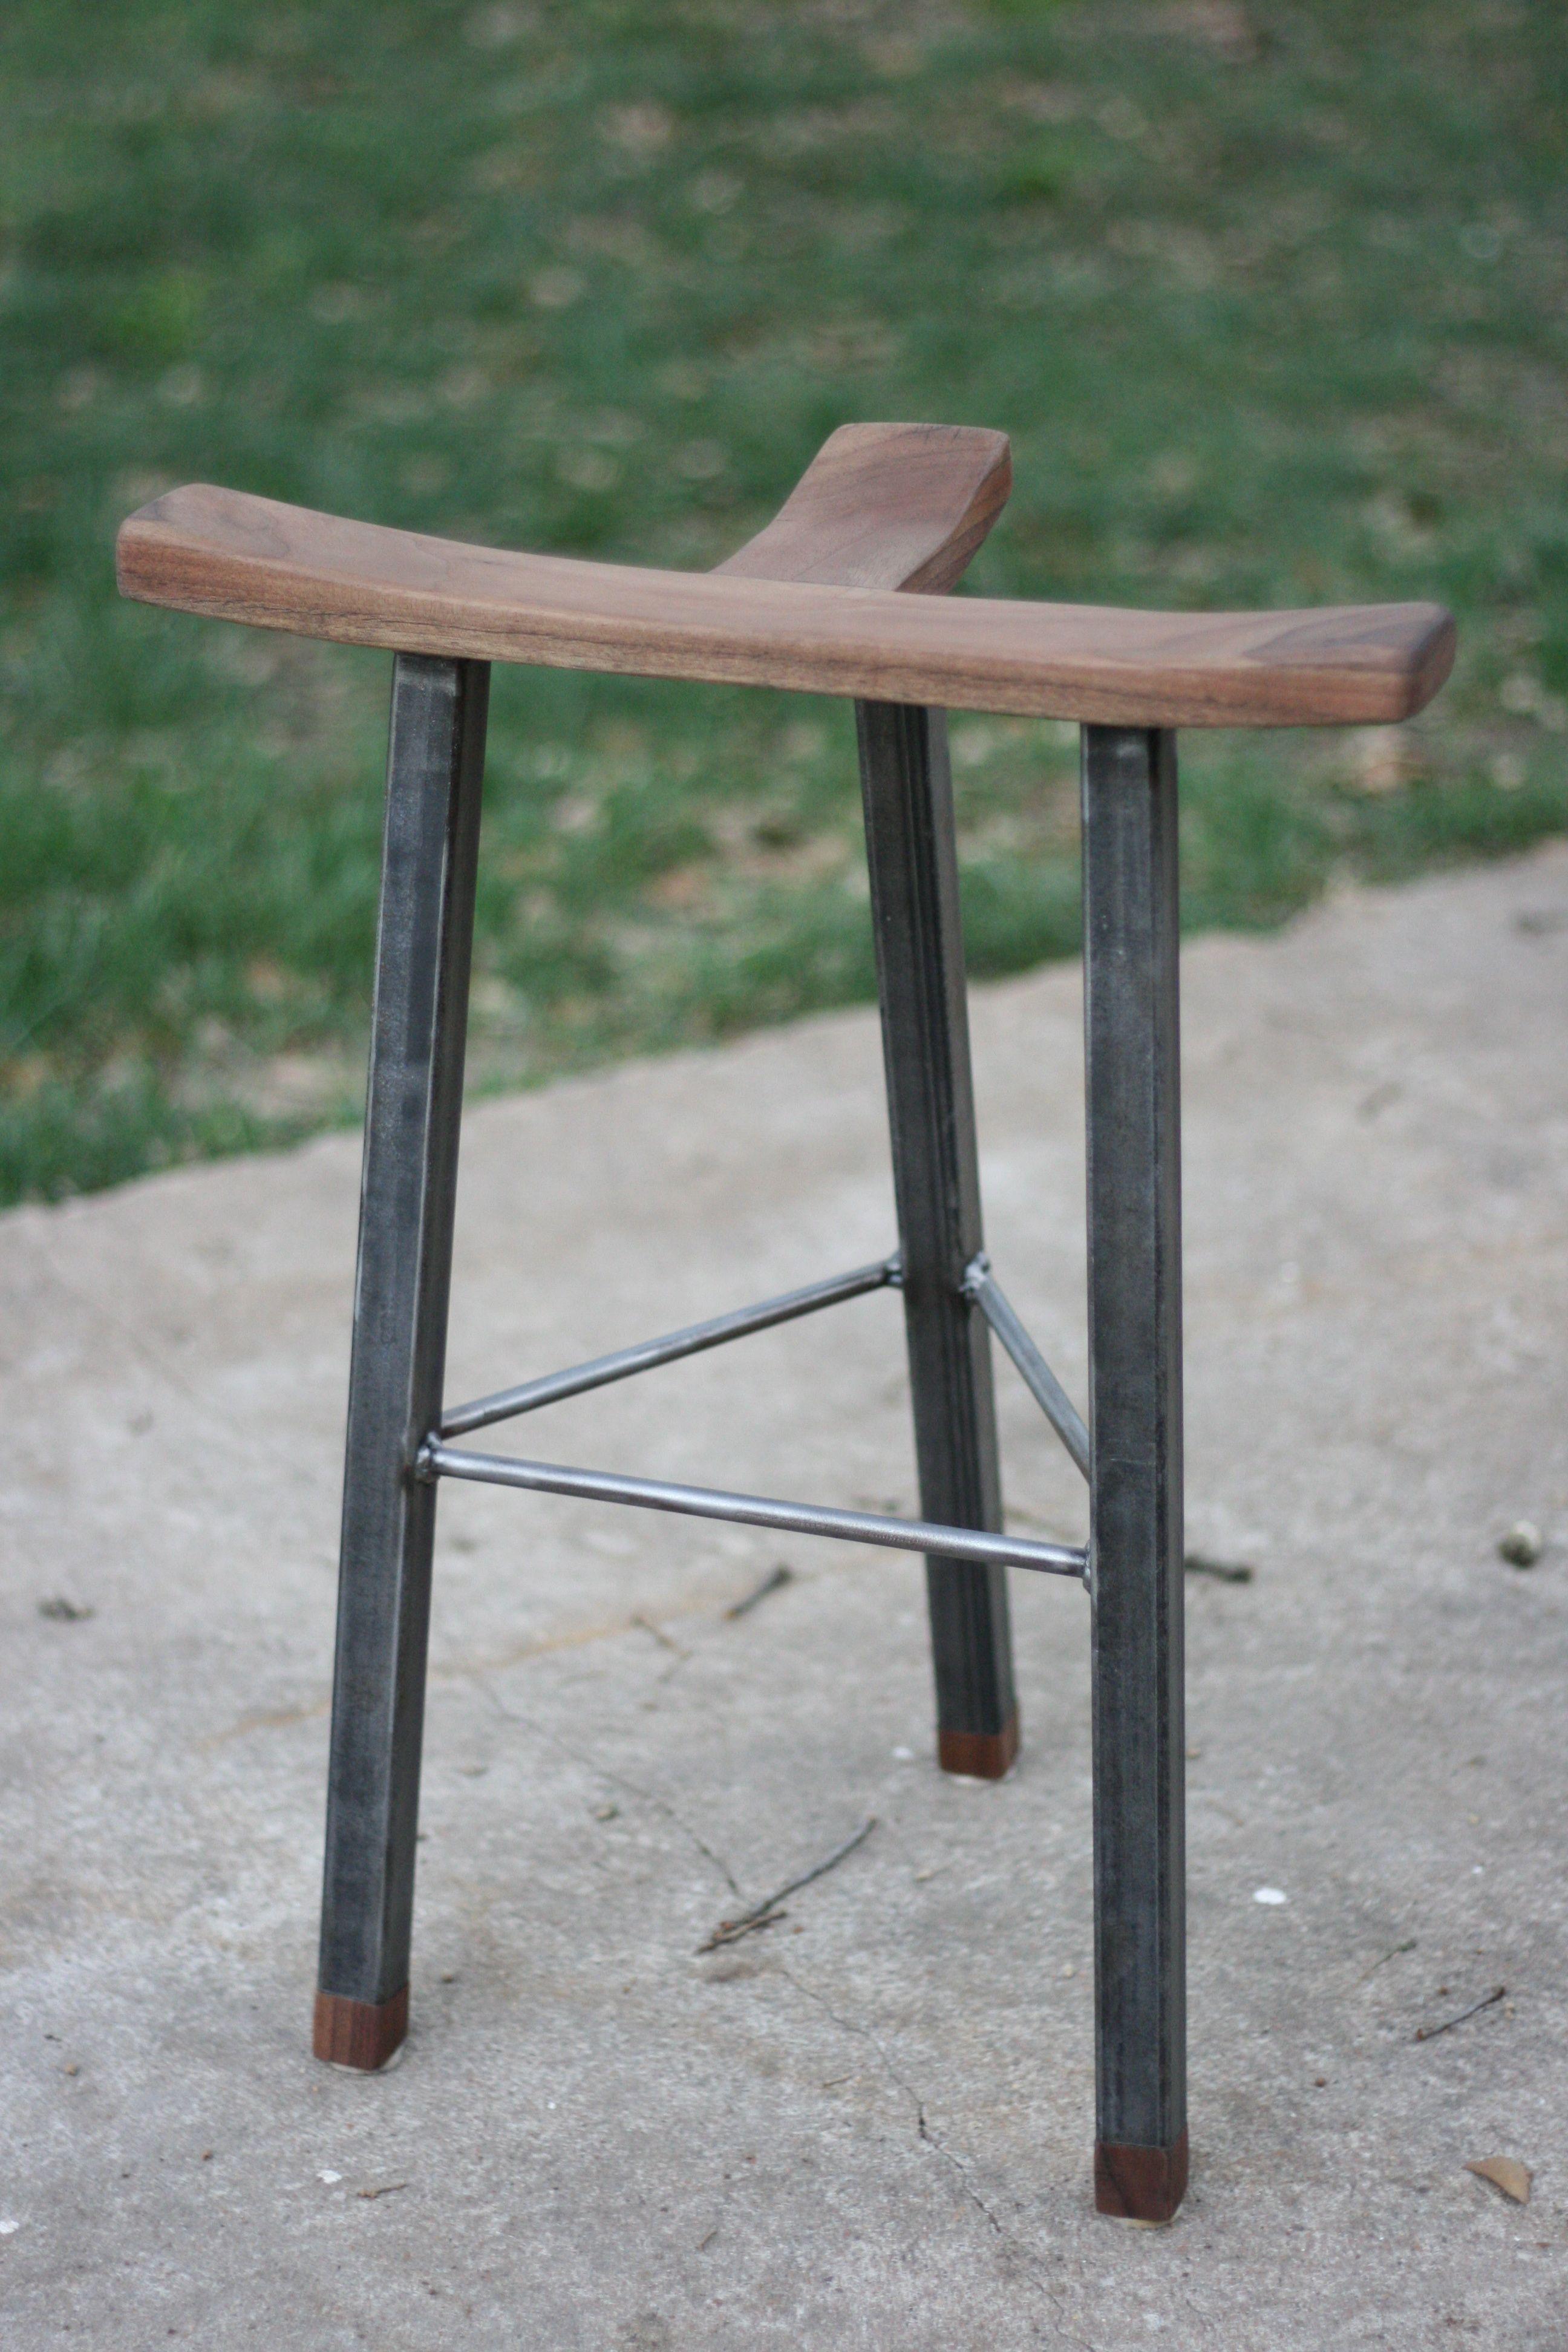 A weird one... A modern twist on an antique birthing stool